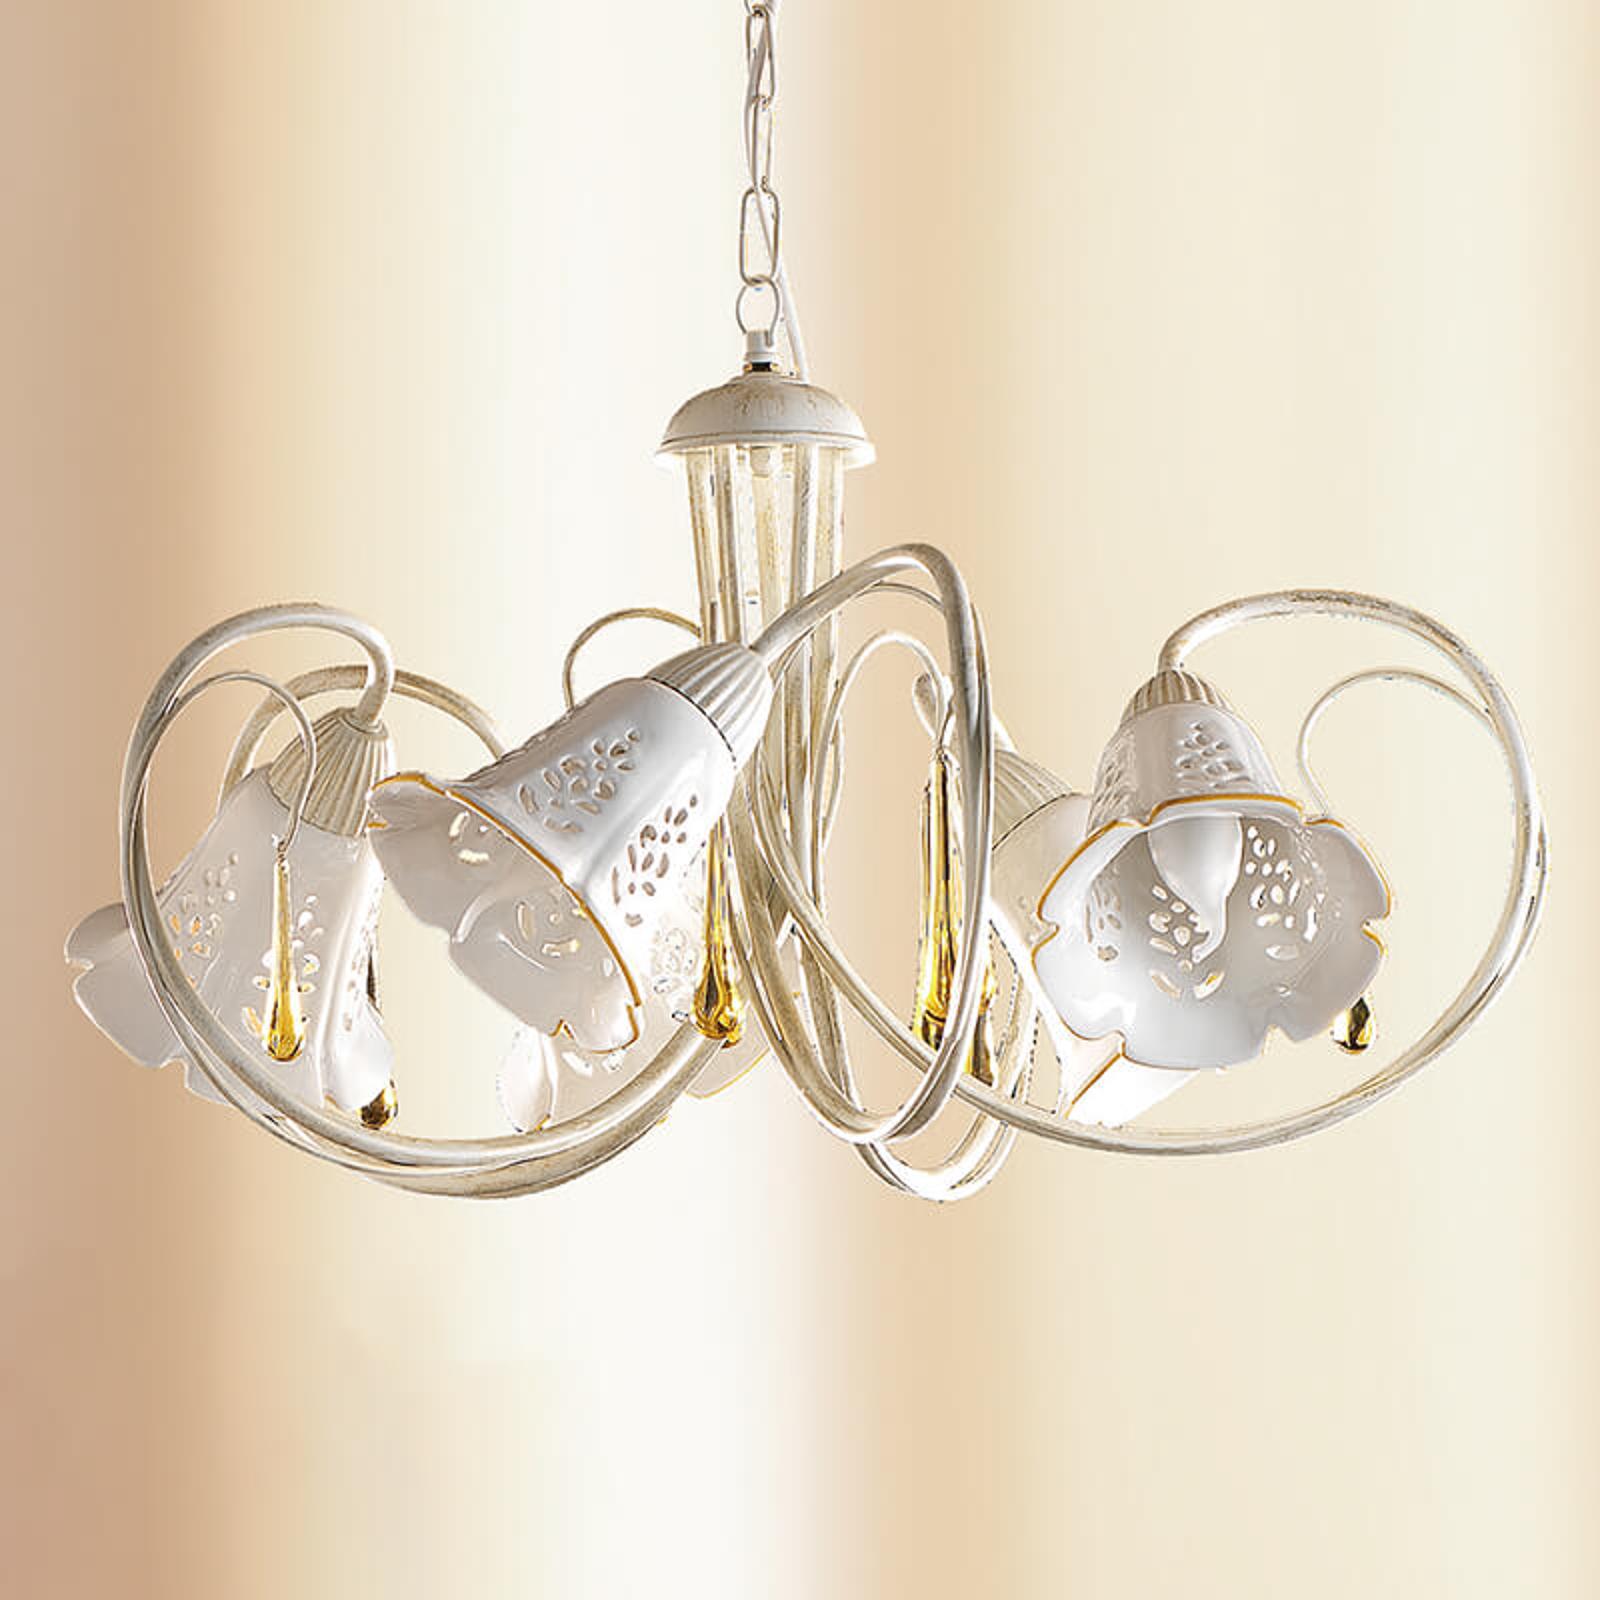 Gocce - lampada a sospensione di ceramica